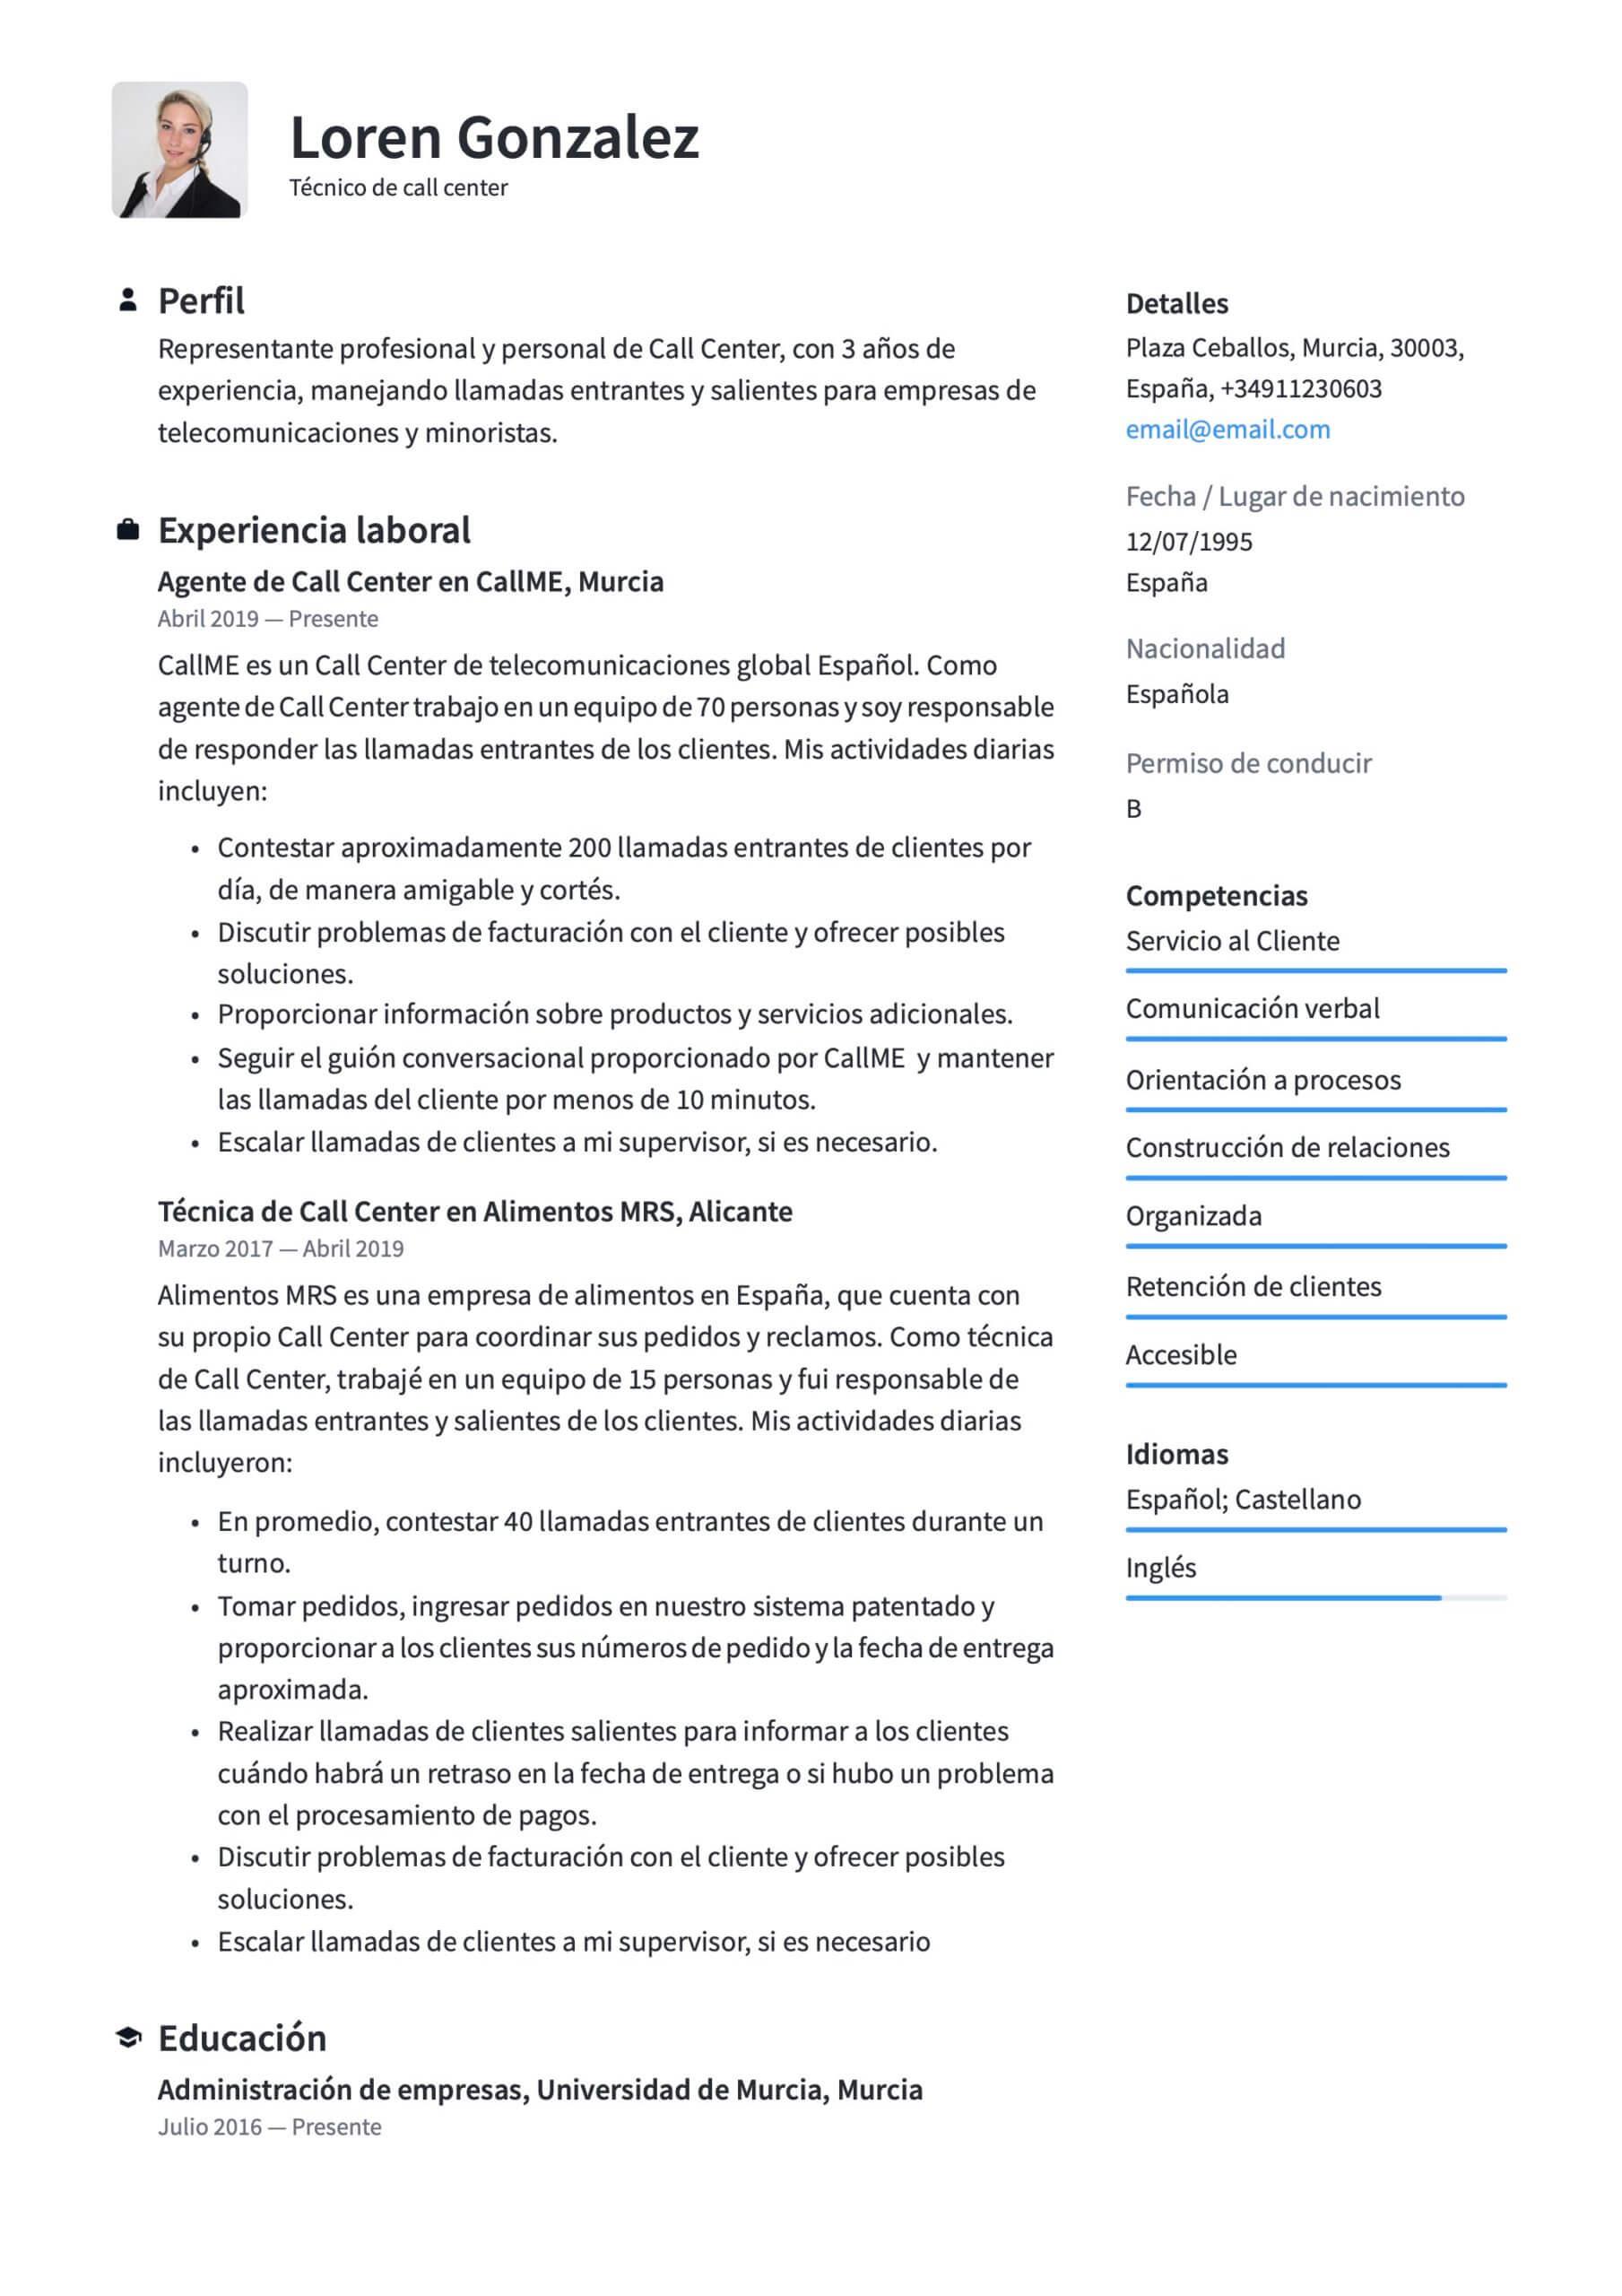 Currículum Para Técnico De Call Center 18 Plantillas Crea Tu Cv Gratis